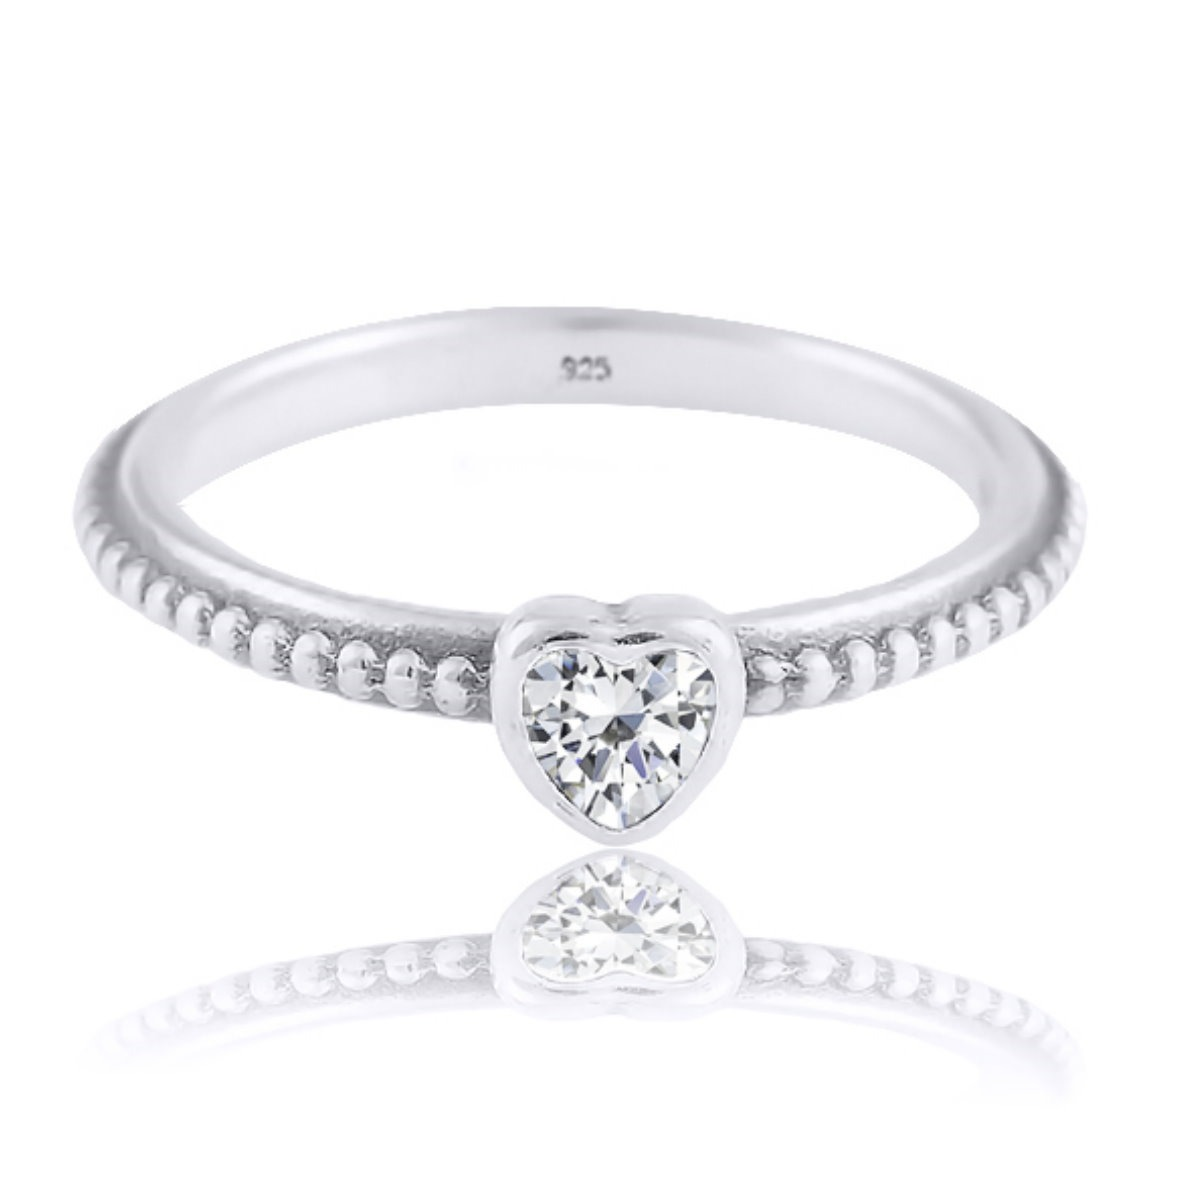 8d98bcc55b419 anel prata 925 coração estilo pandora zirconia - feminino. Carregando zoom.